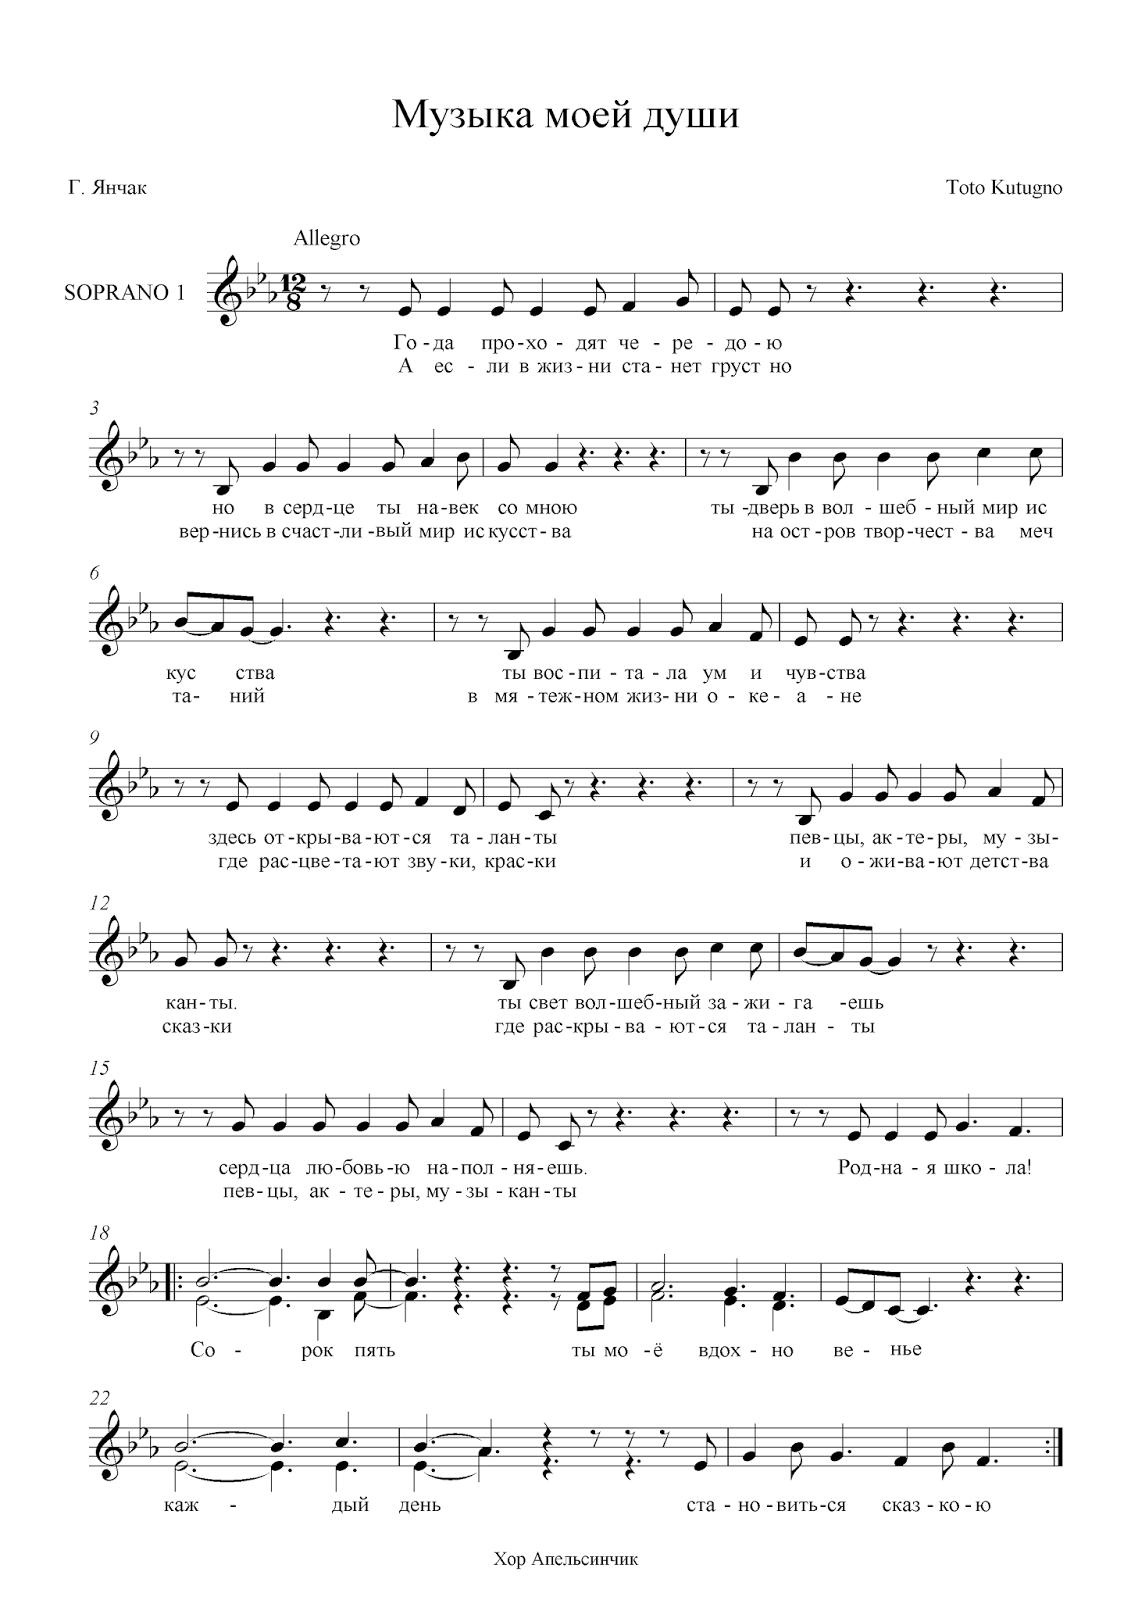 Скачать музыку мелодия моей души